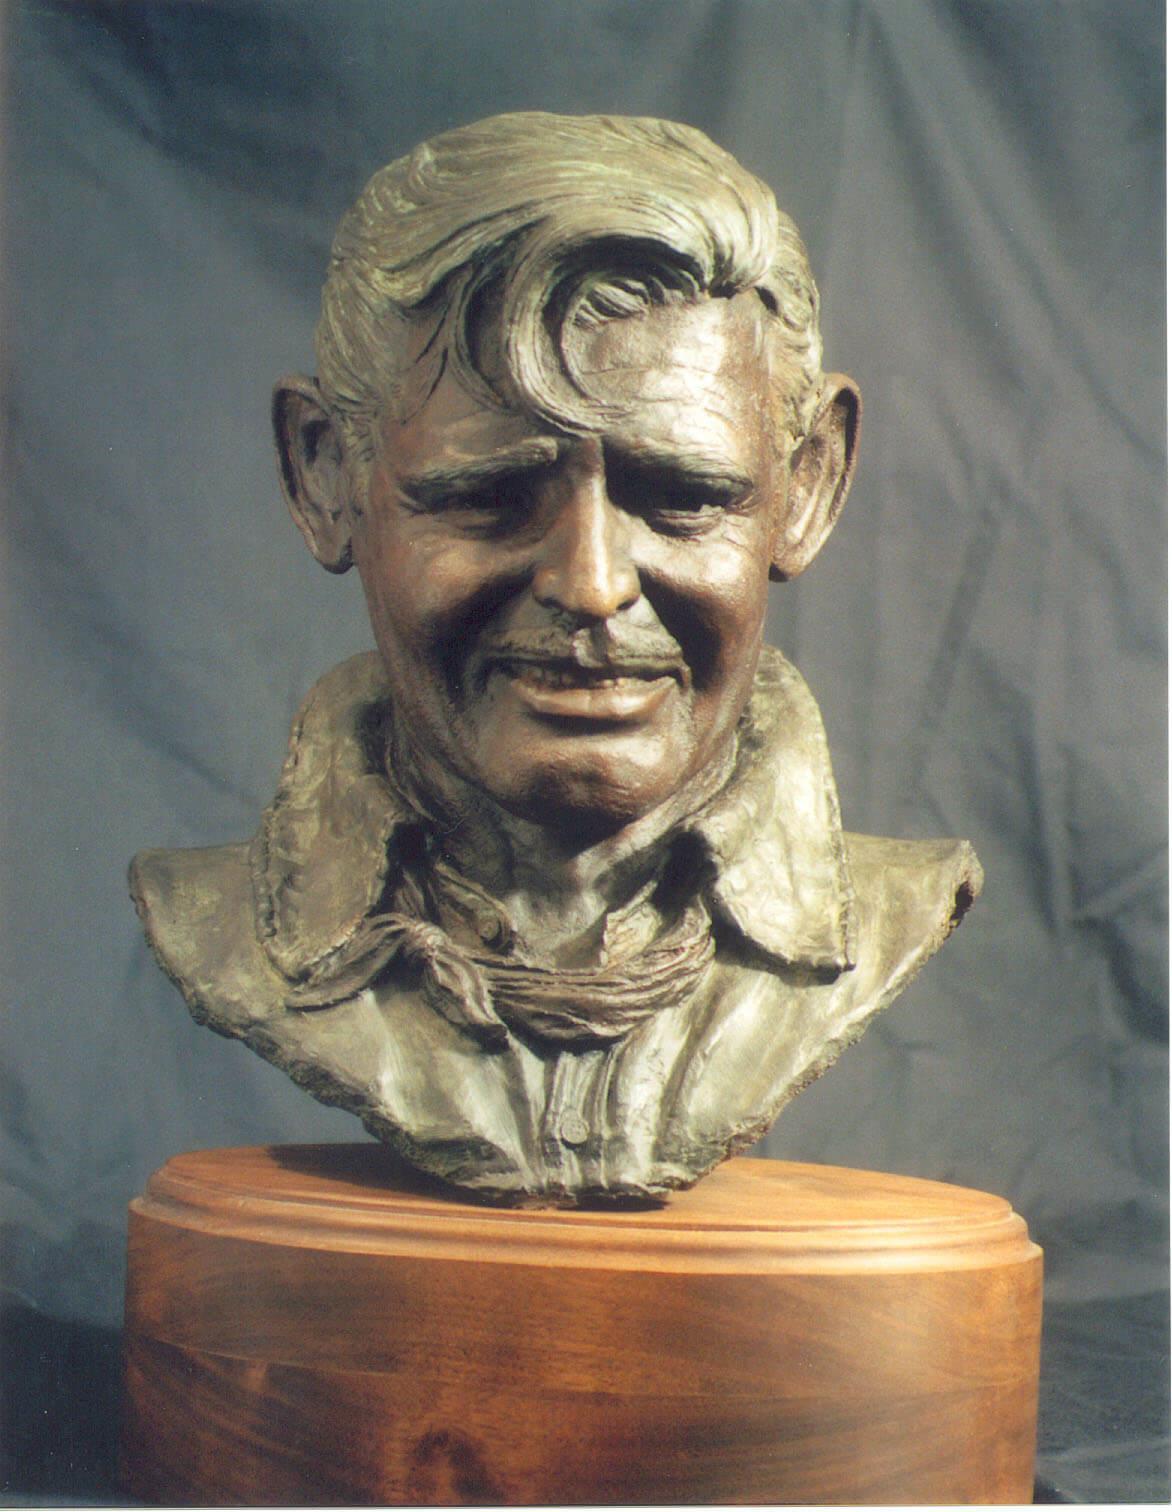 Clark Gable Bust